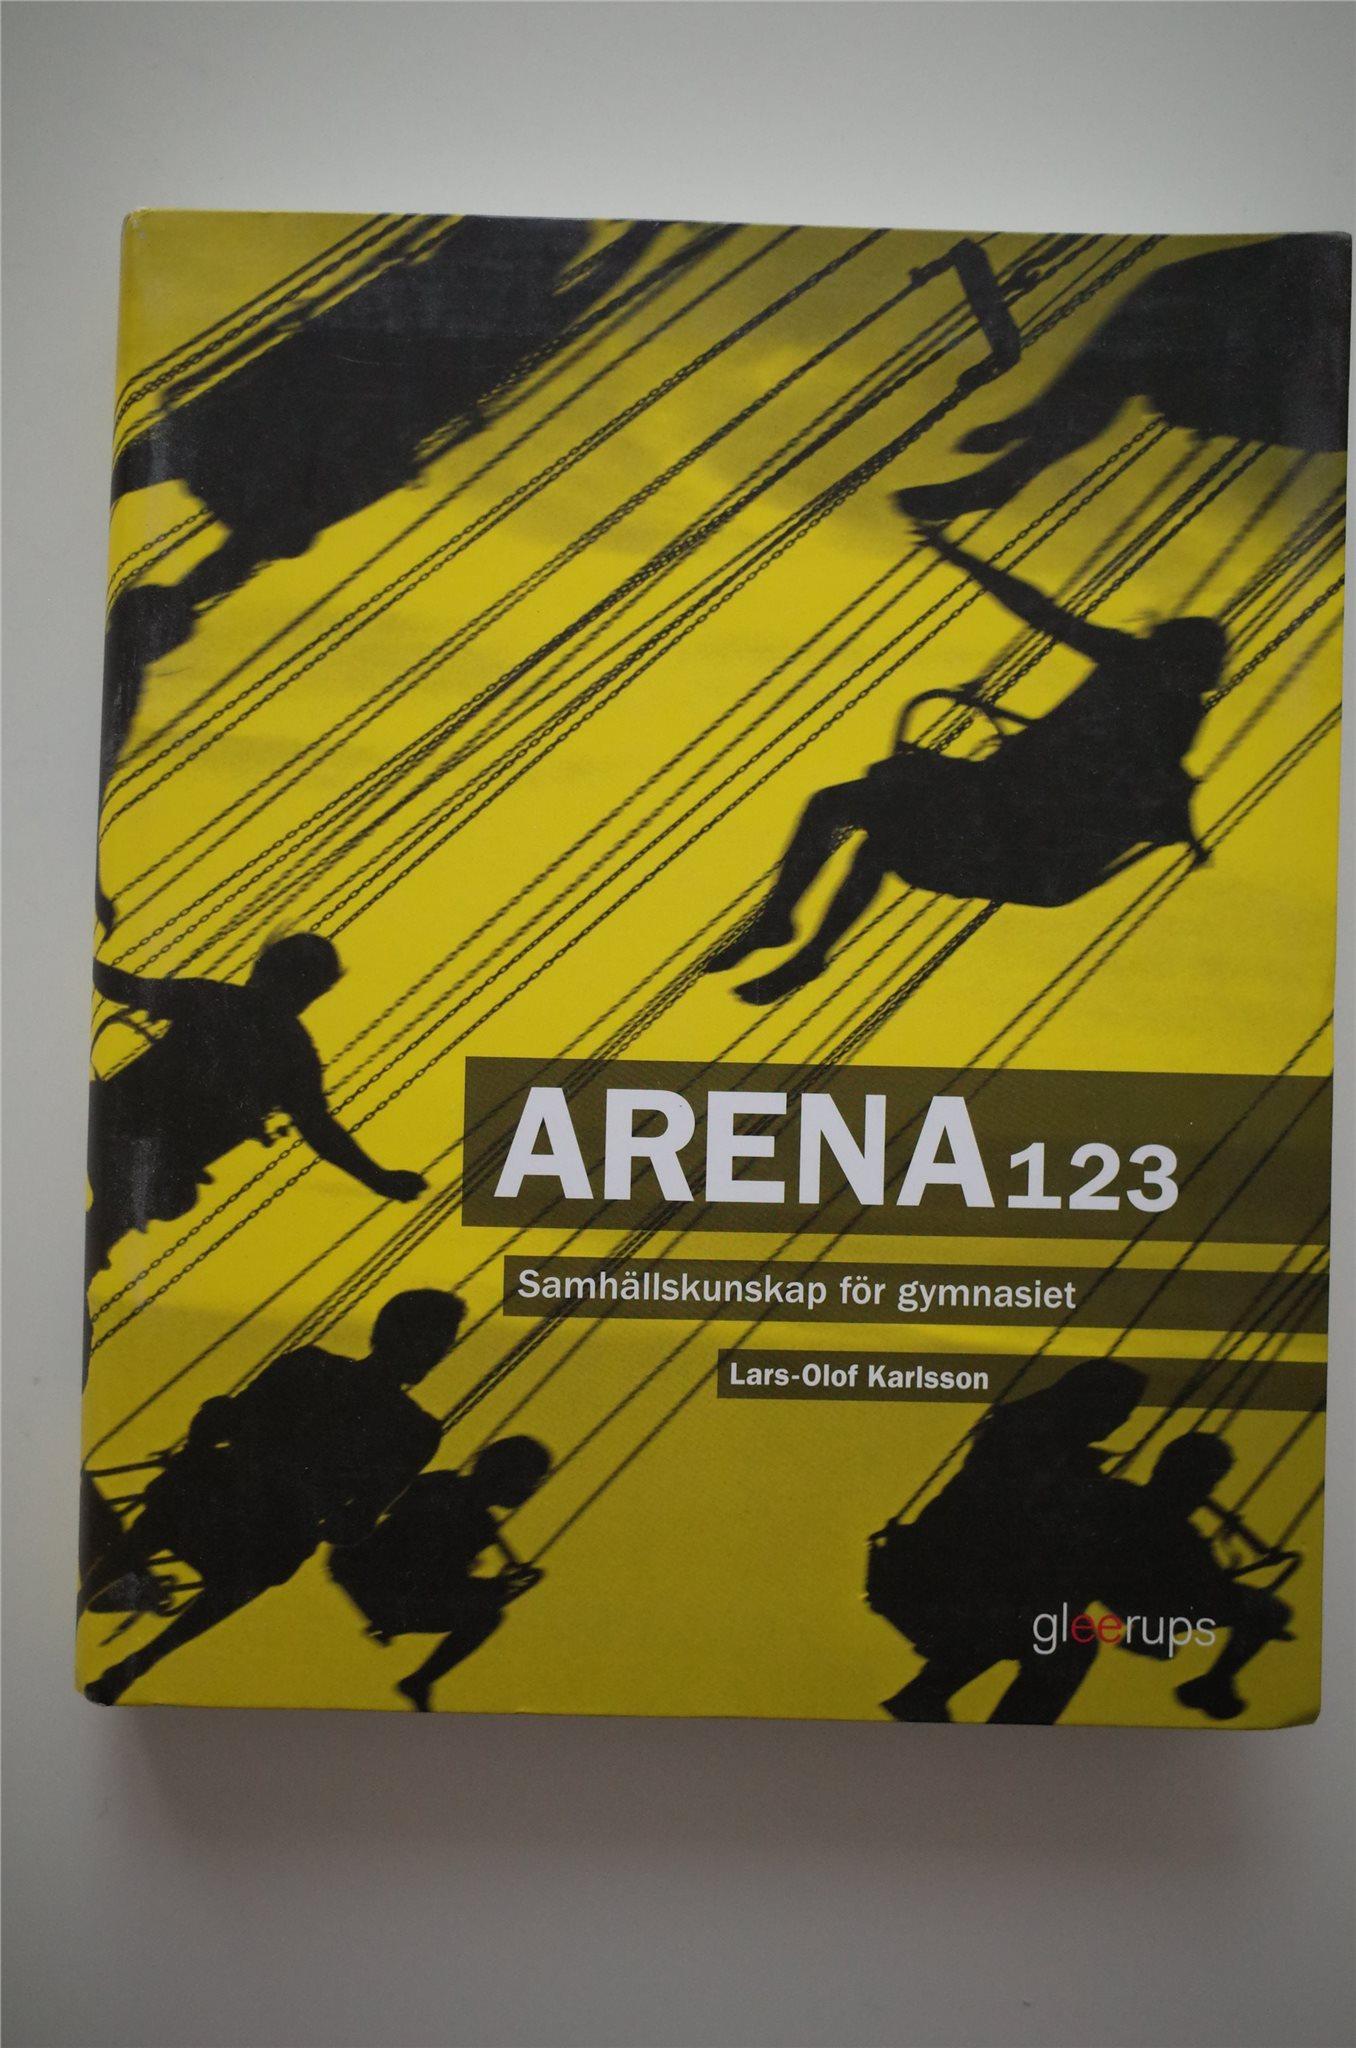 Arena 123 kurslitteratur